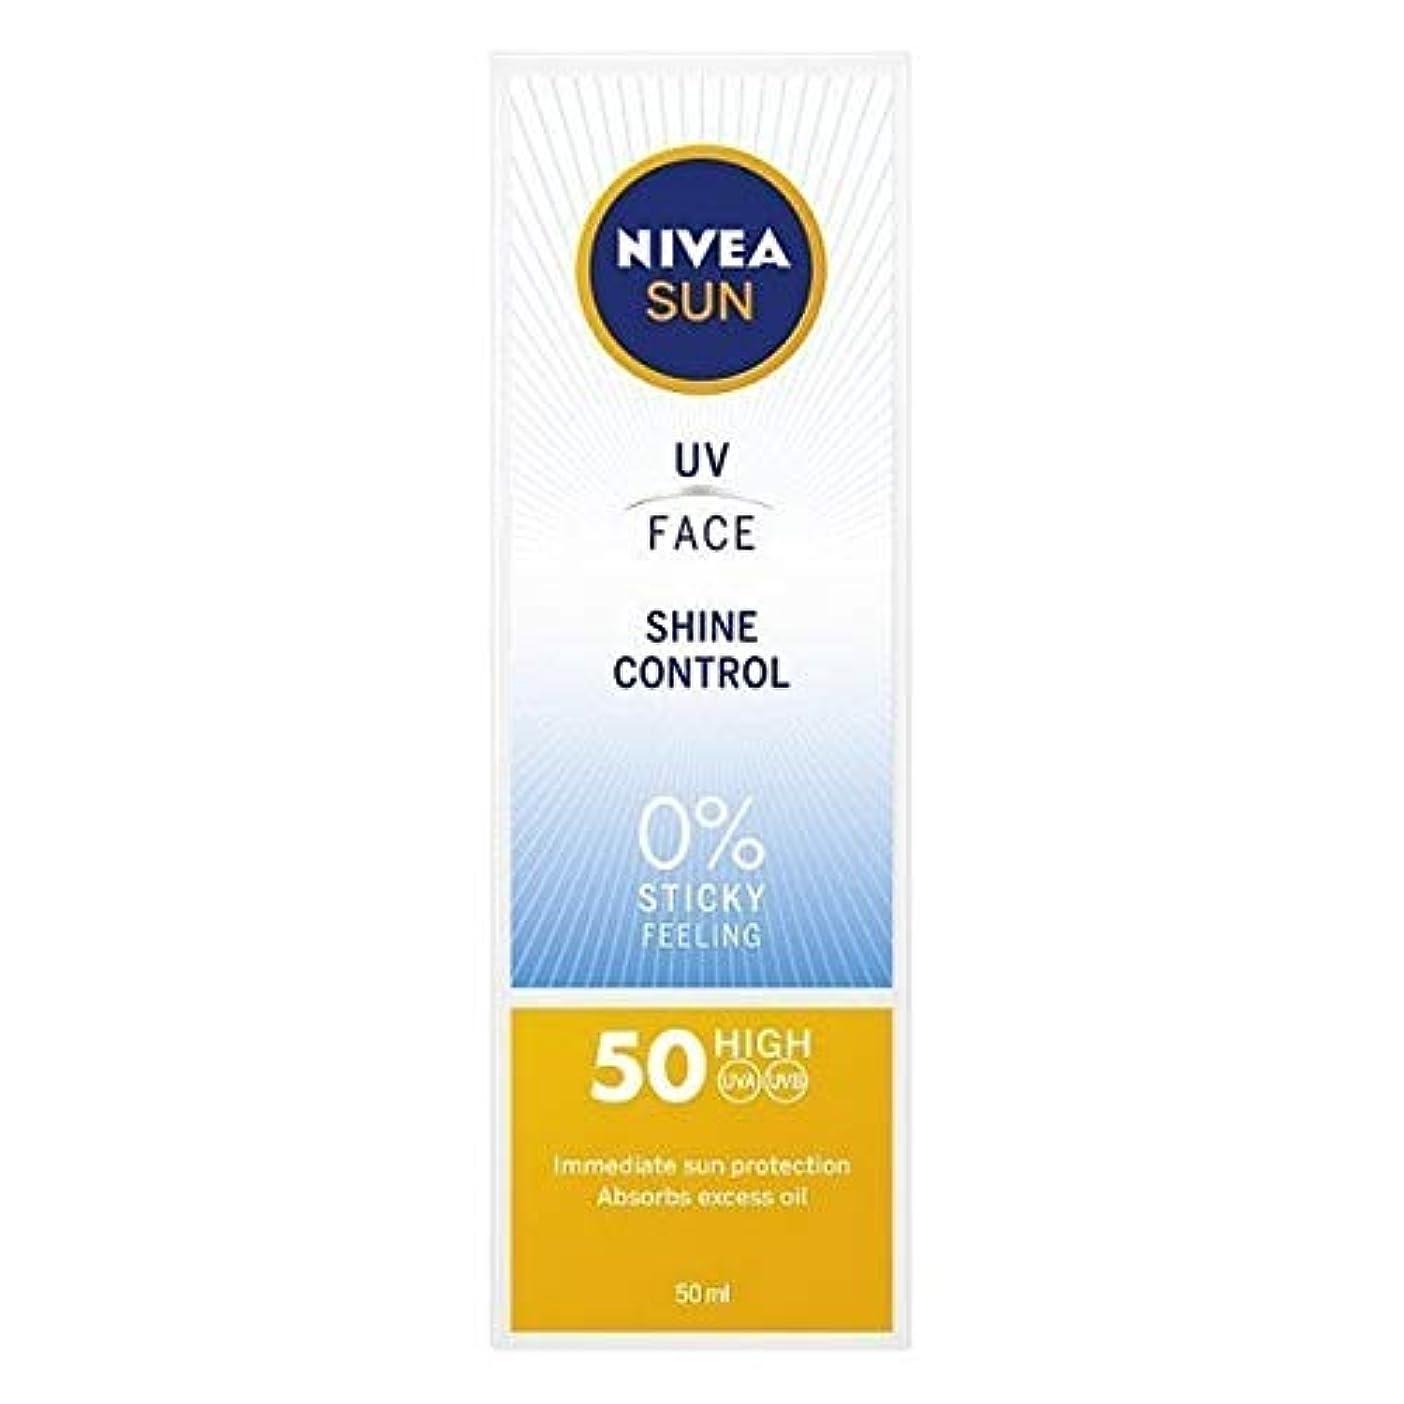 四回入札マガジン[Nivea ] ニベアサンUv顔日焼け止めクリームのSpf 50、輝き制御、50ミリリットル - NIVEA SUN UV Face Suncream SPF 50, Shine Control, 50ml [並行輸入品]